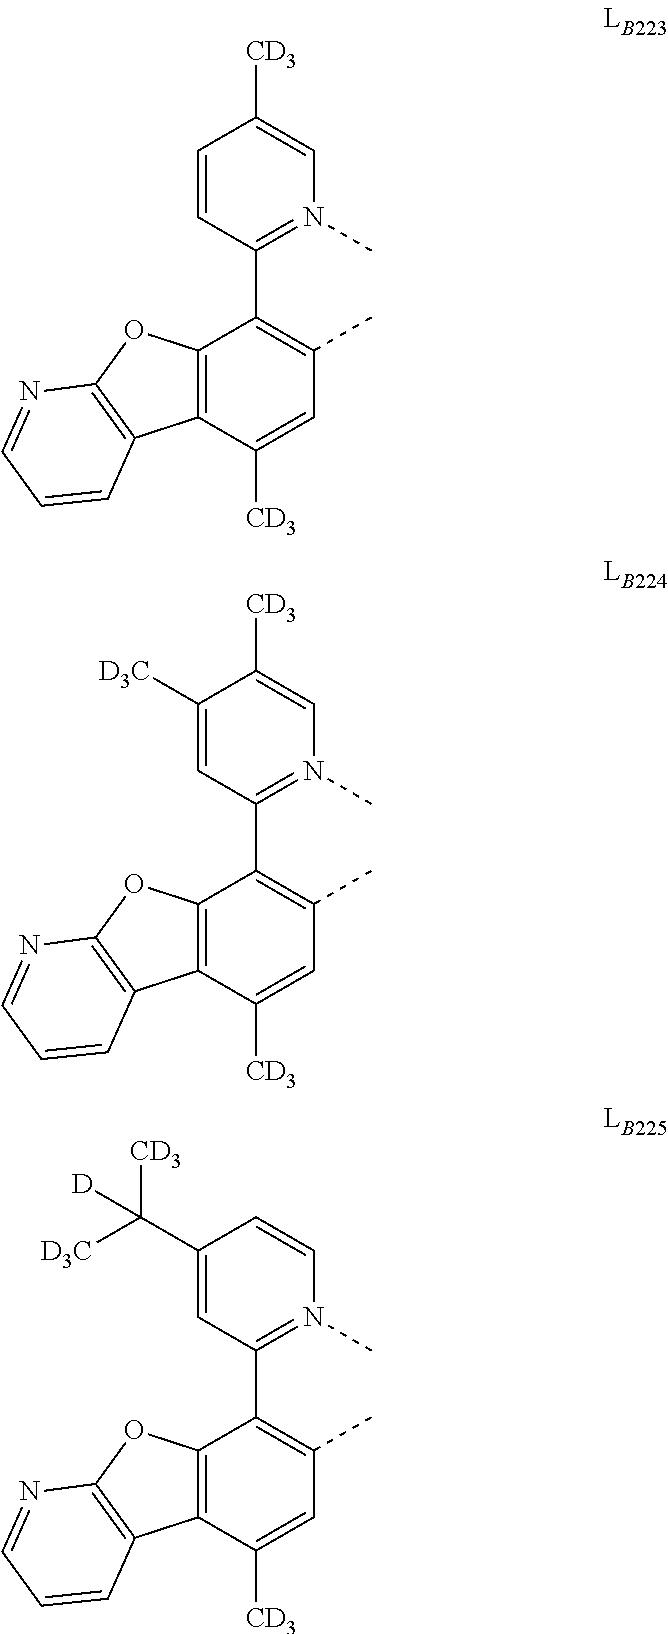 Figure US20180130962A1-20180510-C00305